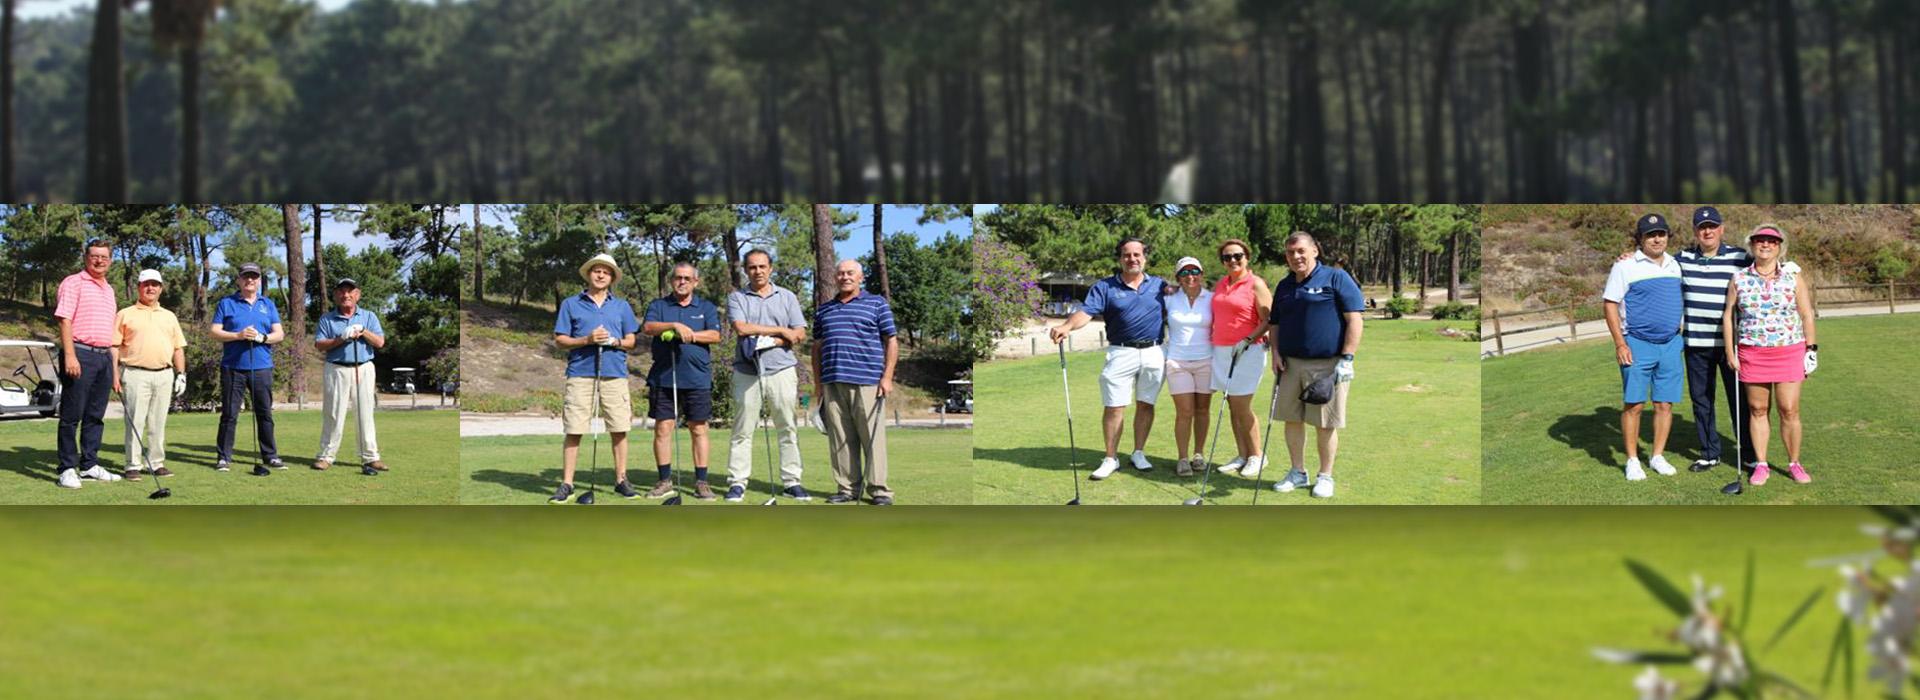 Torneio Aroeira - Junho 2019